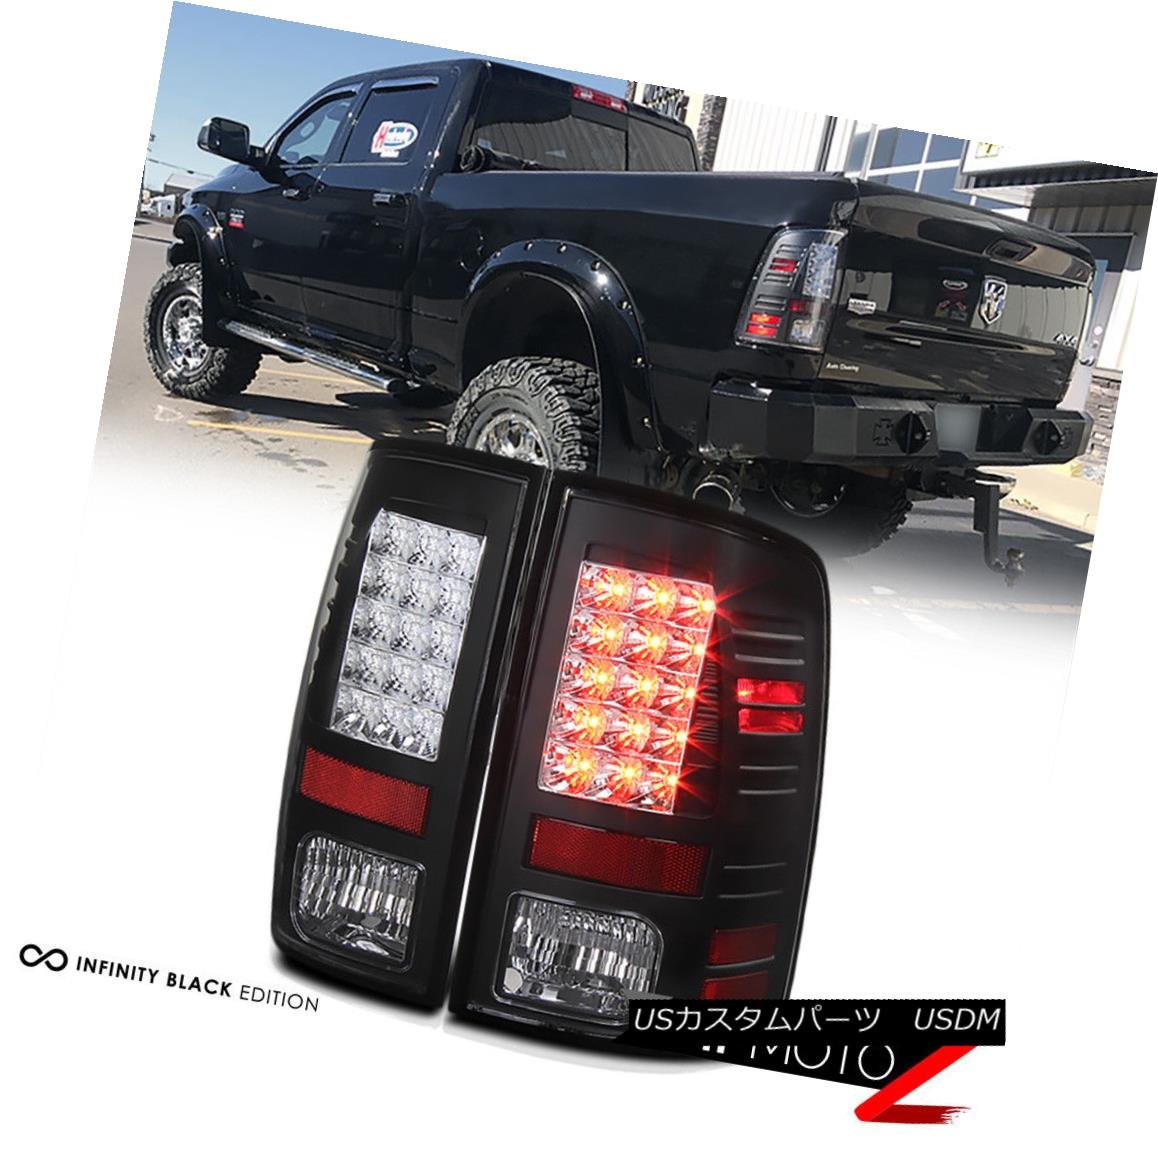 テールライト 2013-2018 DODGE RAM 1500 2500 3500 Mat Black Rear LH+RH LED Tail Lights Lamp Set 2013-2018 DODGE RAM 1500 2500 3500マットブラックリアLH + RH LEDテールライトランプセット